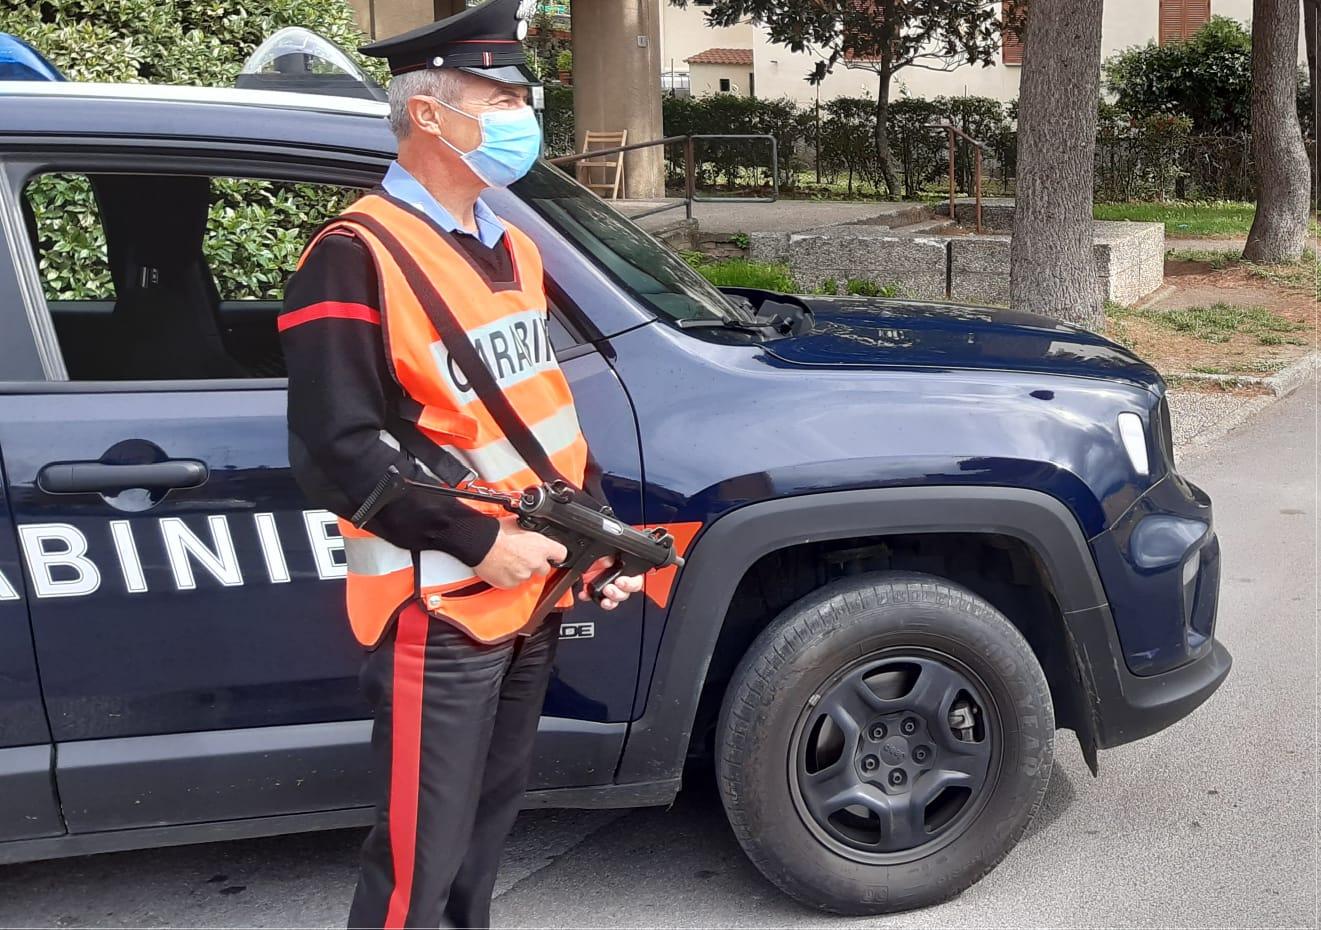 Bimba di 3 anni sottratta a madre, trovata dai Carabinieri